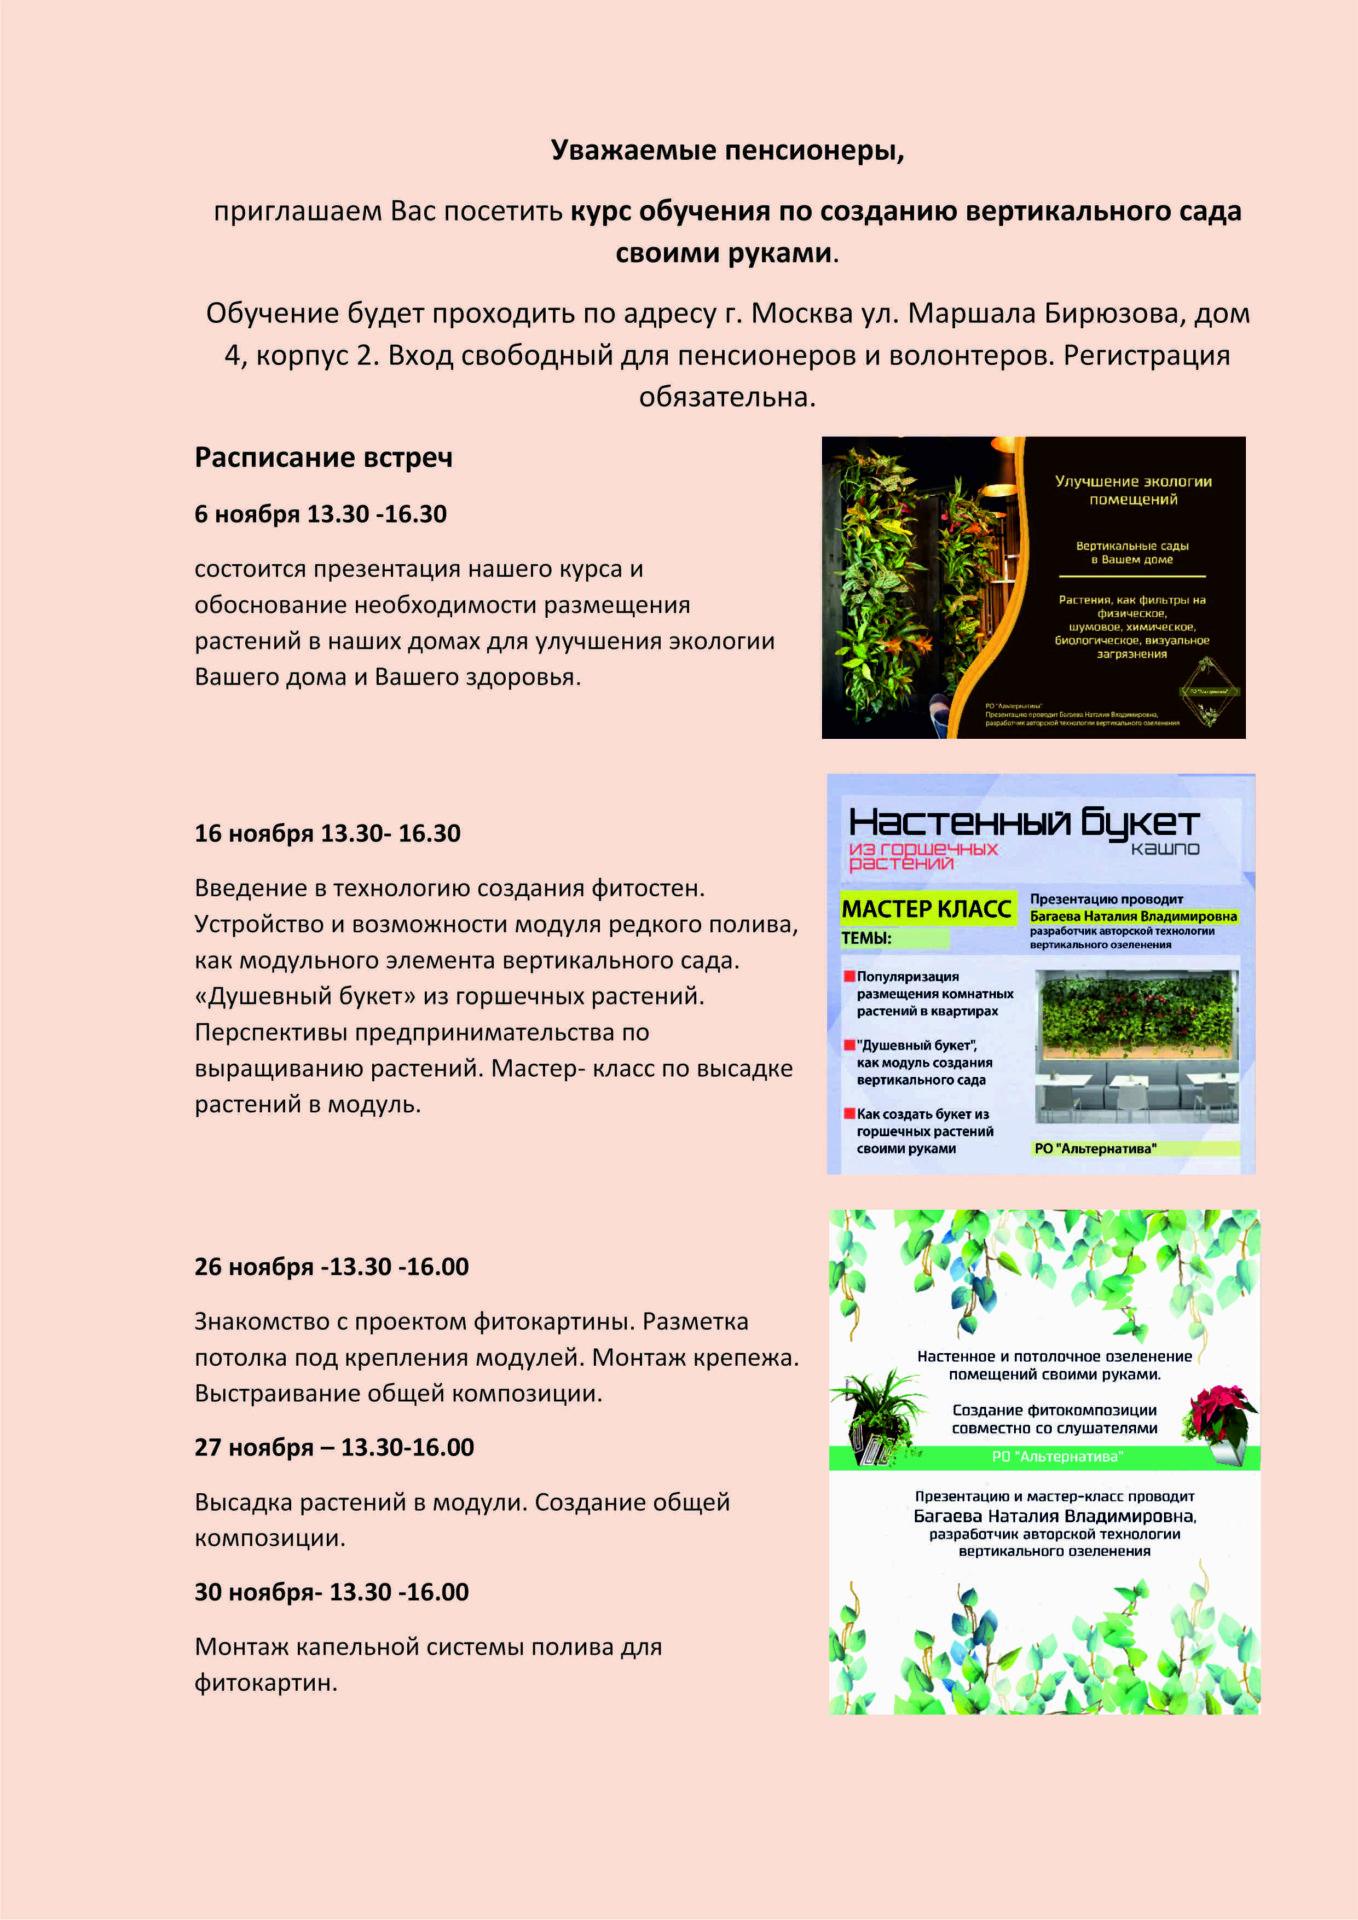 Расписание встреч в ЦСО Щукино по знакомству с технологией создания вертикальных садов